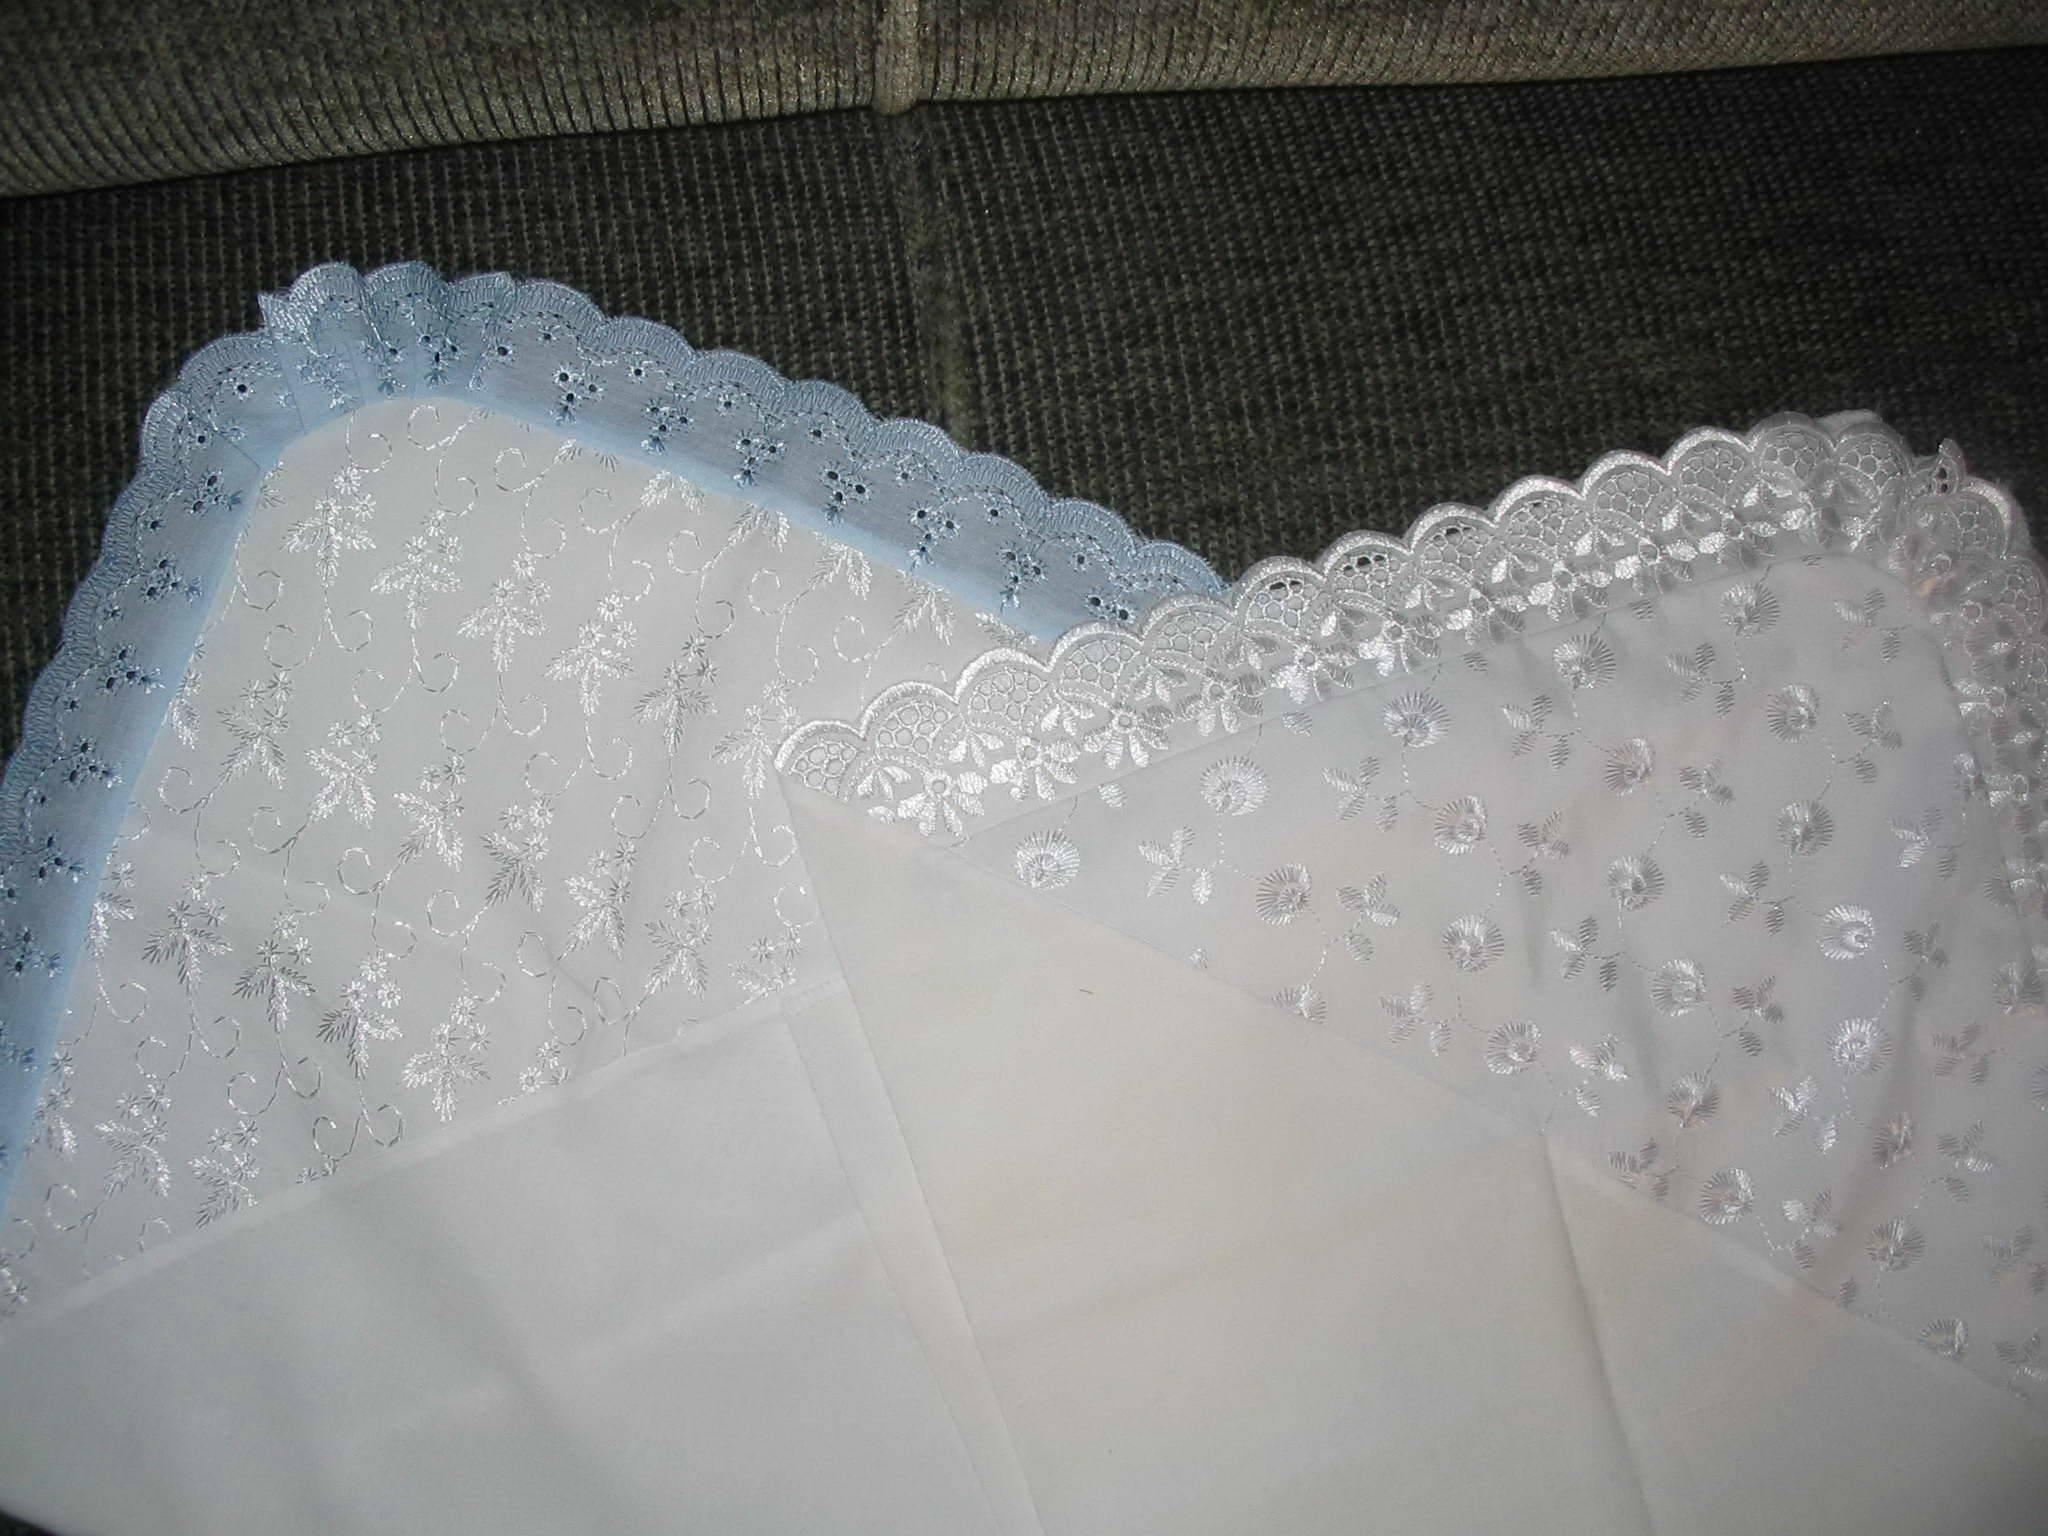 Одеяло на выписку своими руками - 85 фото описания пошива и оформления